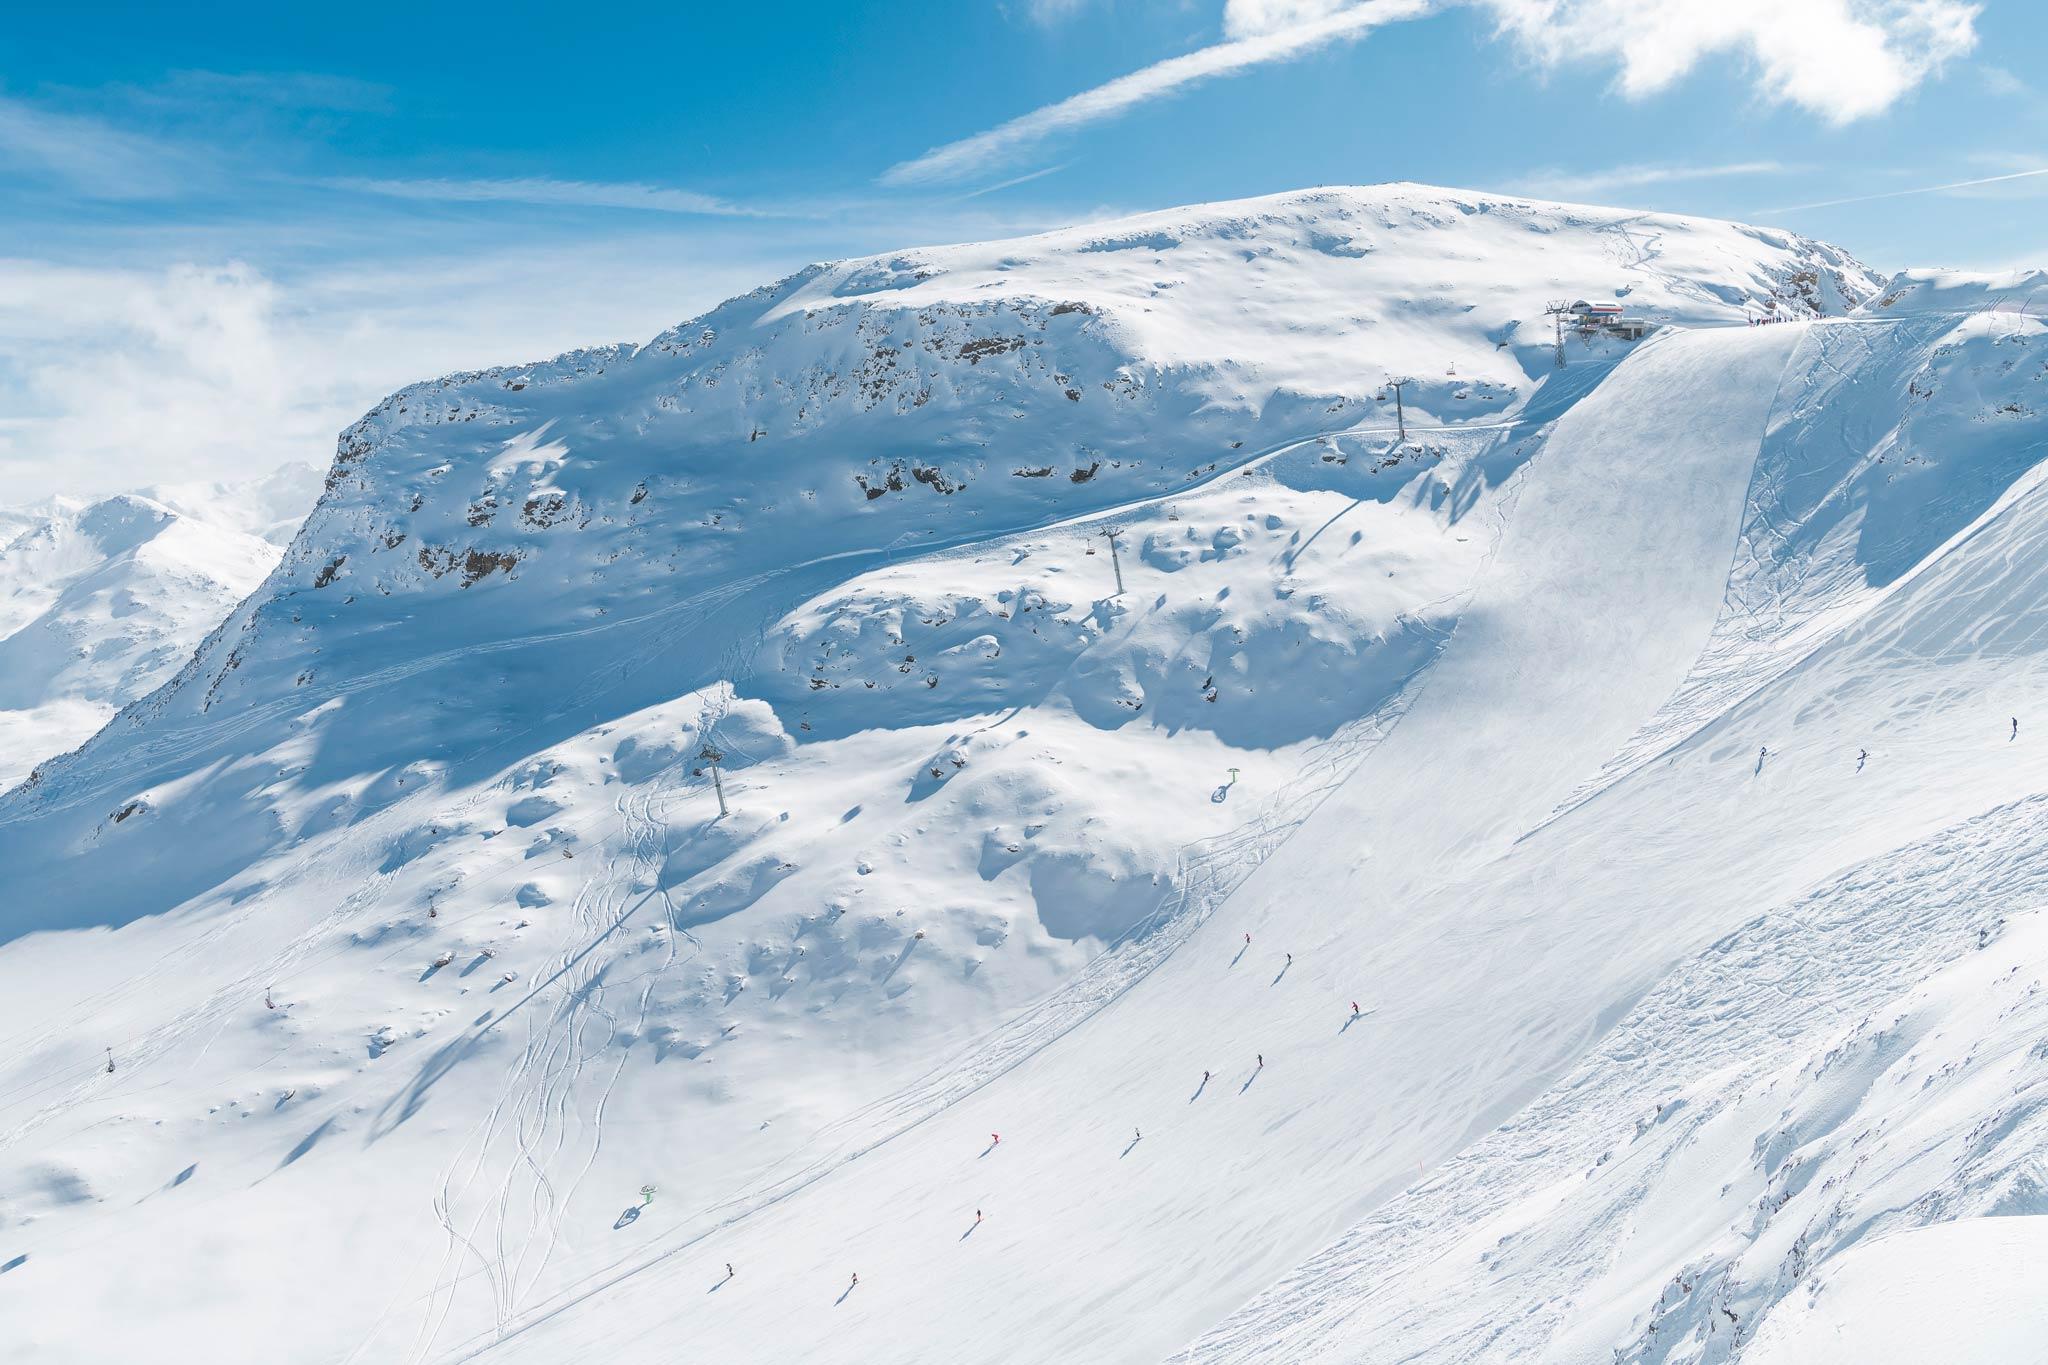 So traumhaft kann es in der Schweiz bei guten Bedingungen aussehen! - Foto: Romano Salis